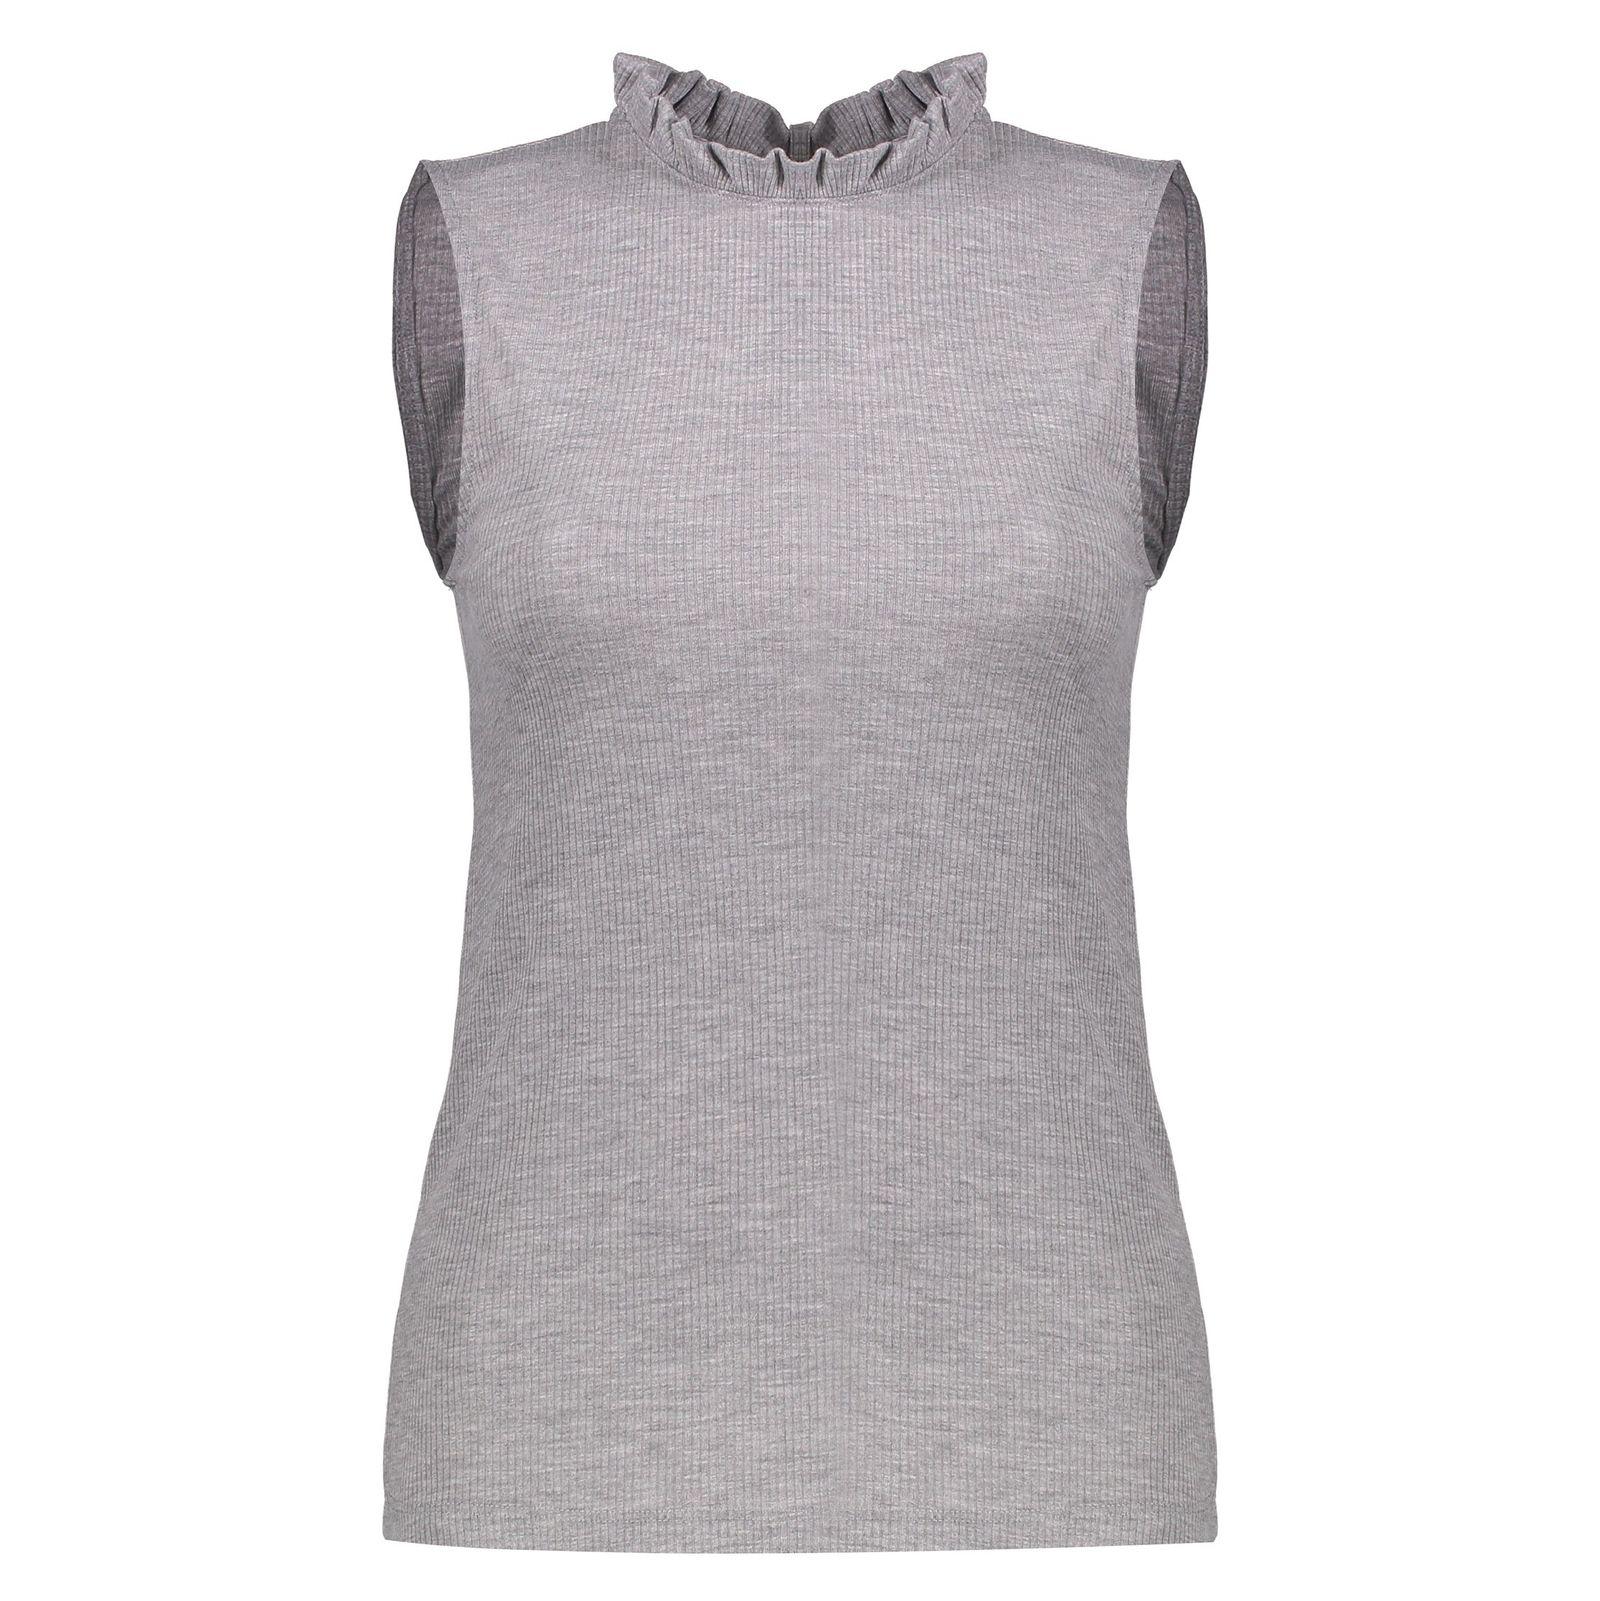 تی شرت آستین حلقه ای زنانه - پی سز - طوسي ملانژ - 2